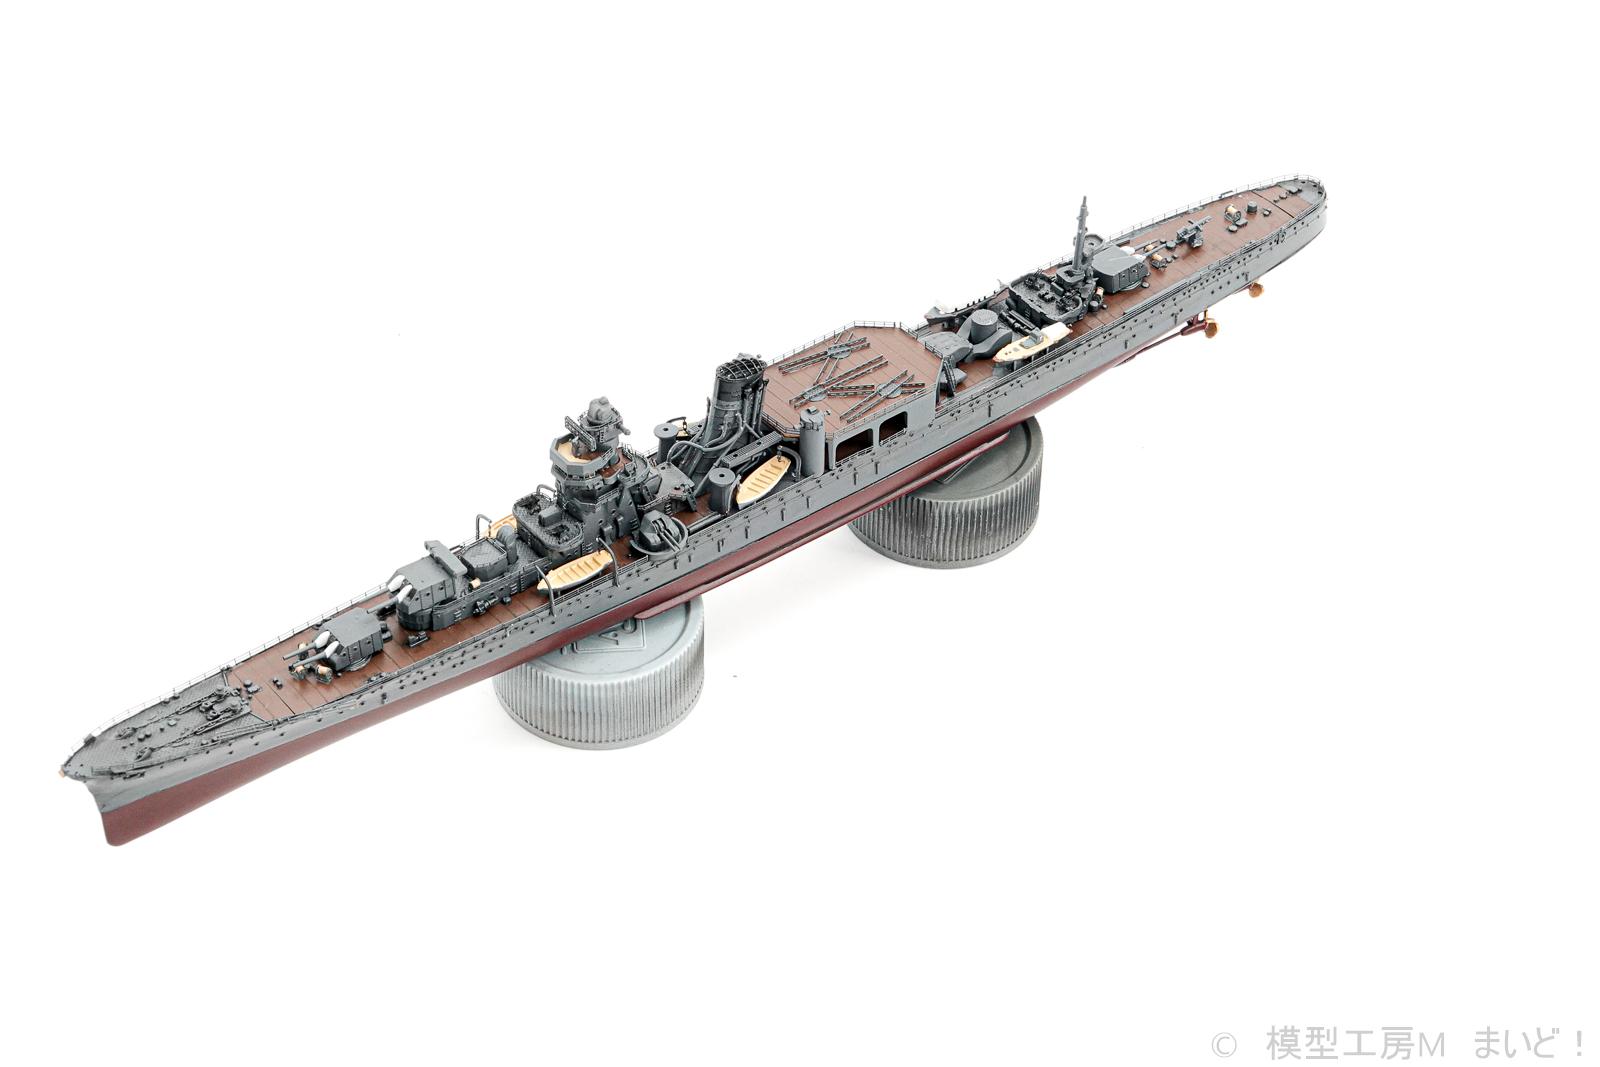 フジミ 1/700 日本海軍軽巡洋艦 阿賀野 プラモデル 製作中